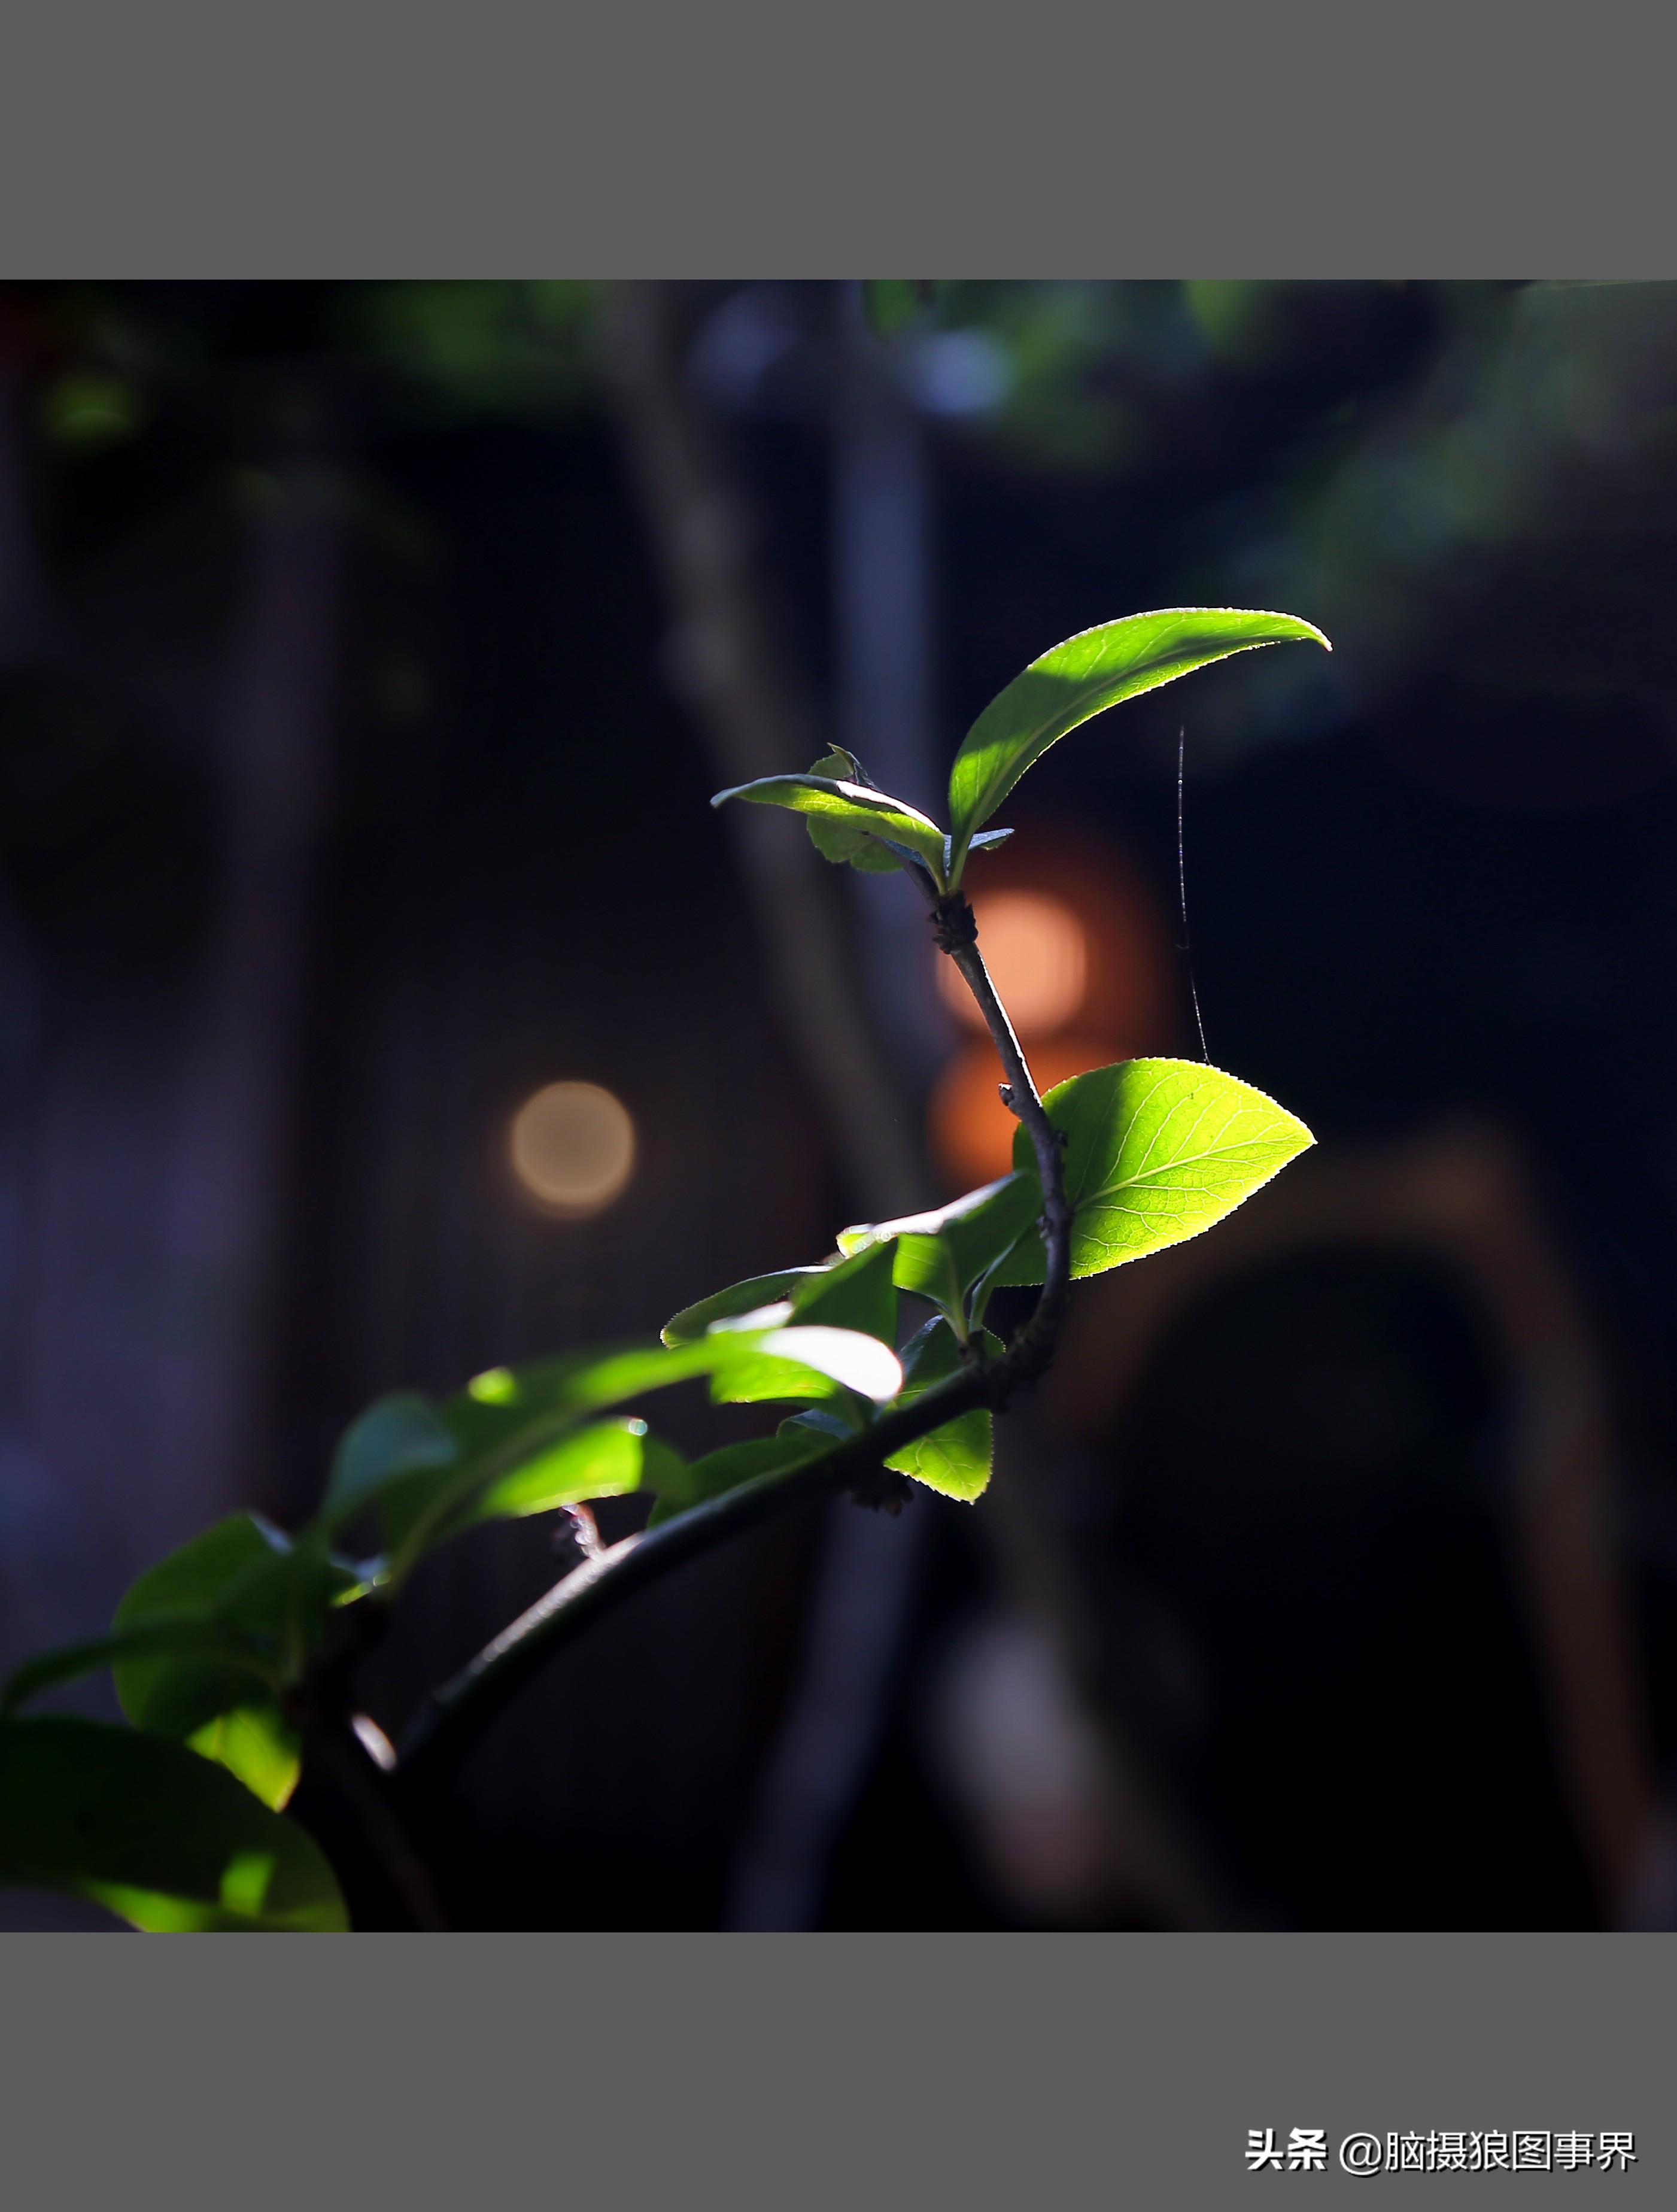 15张逆光摄影作品,能否体现出光影的魅力,你有什么建议?